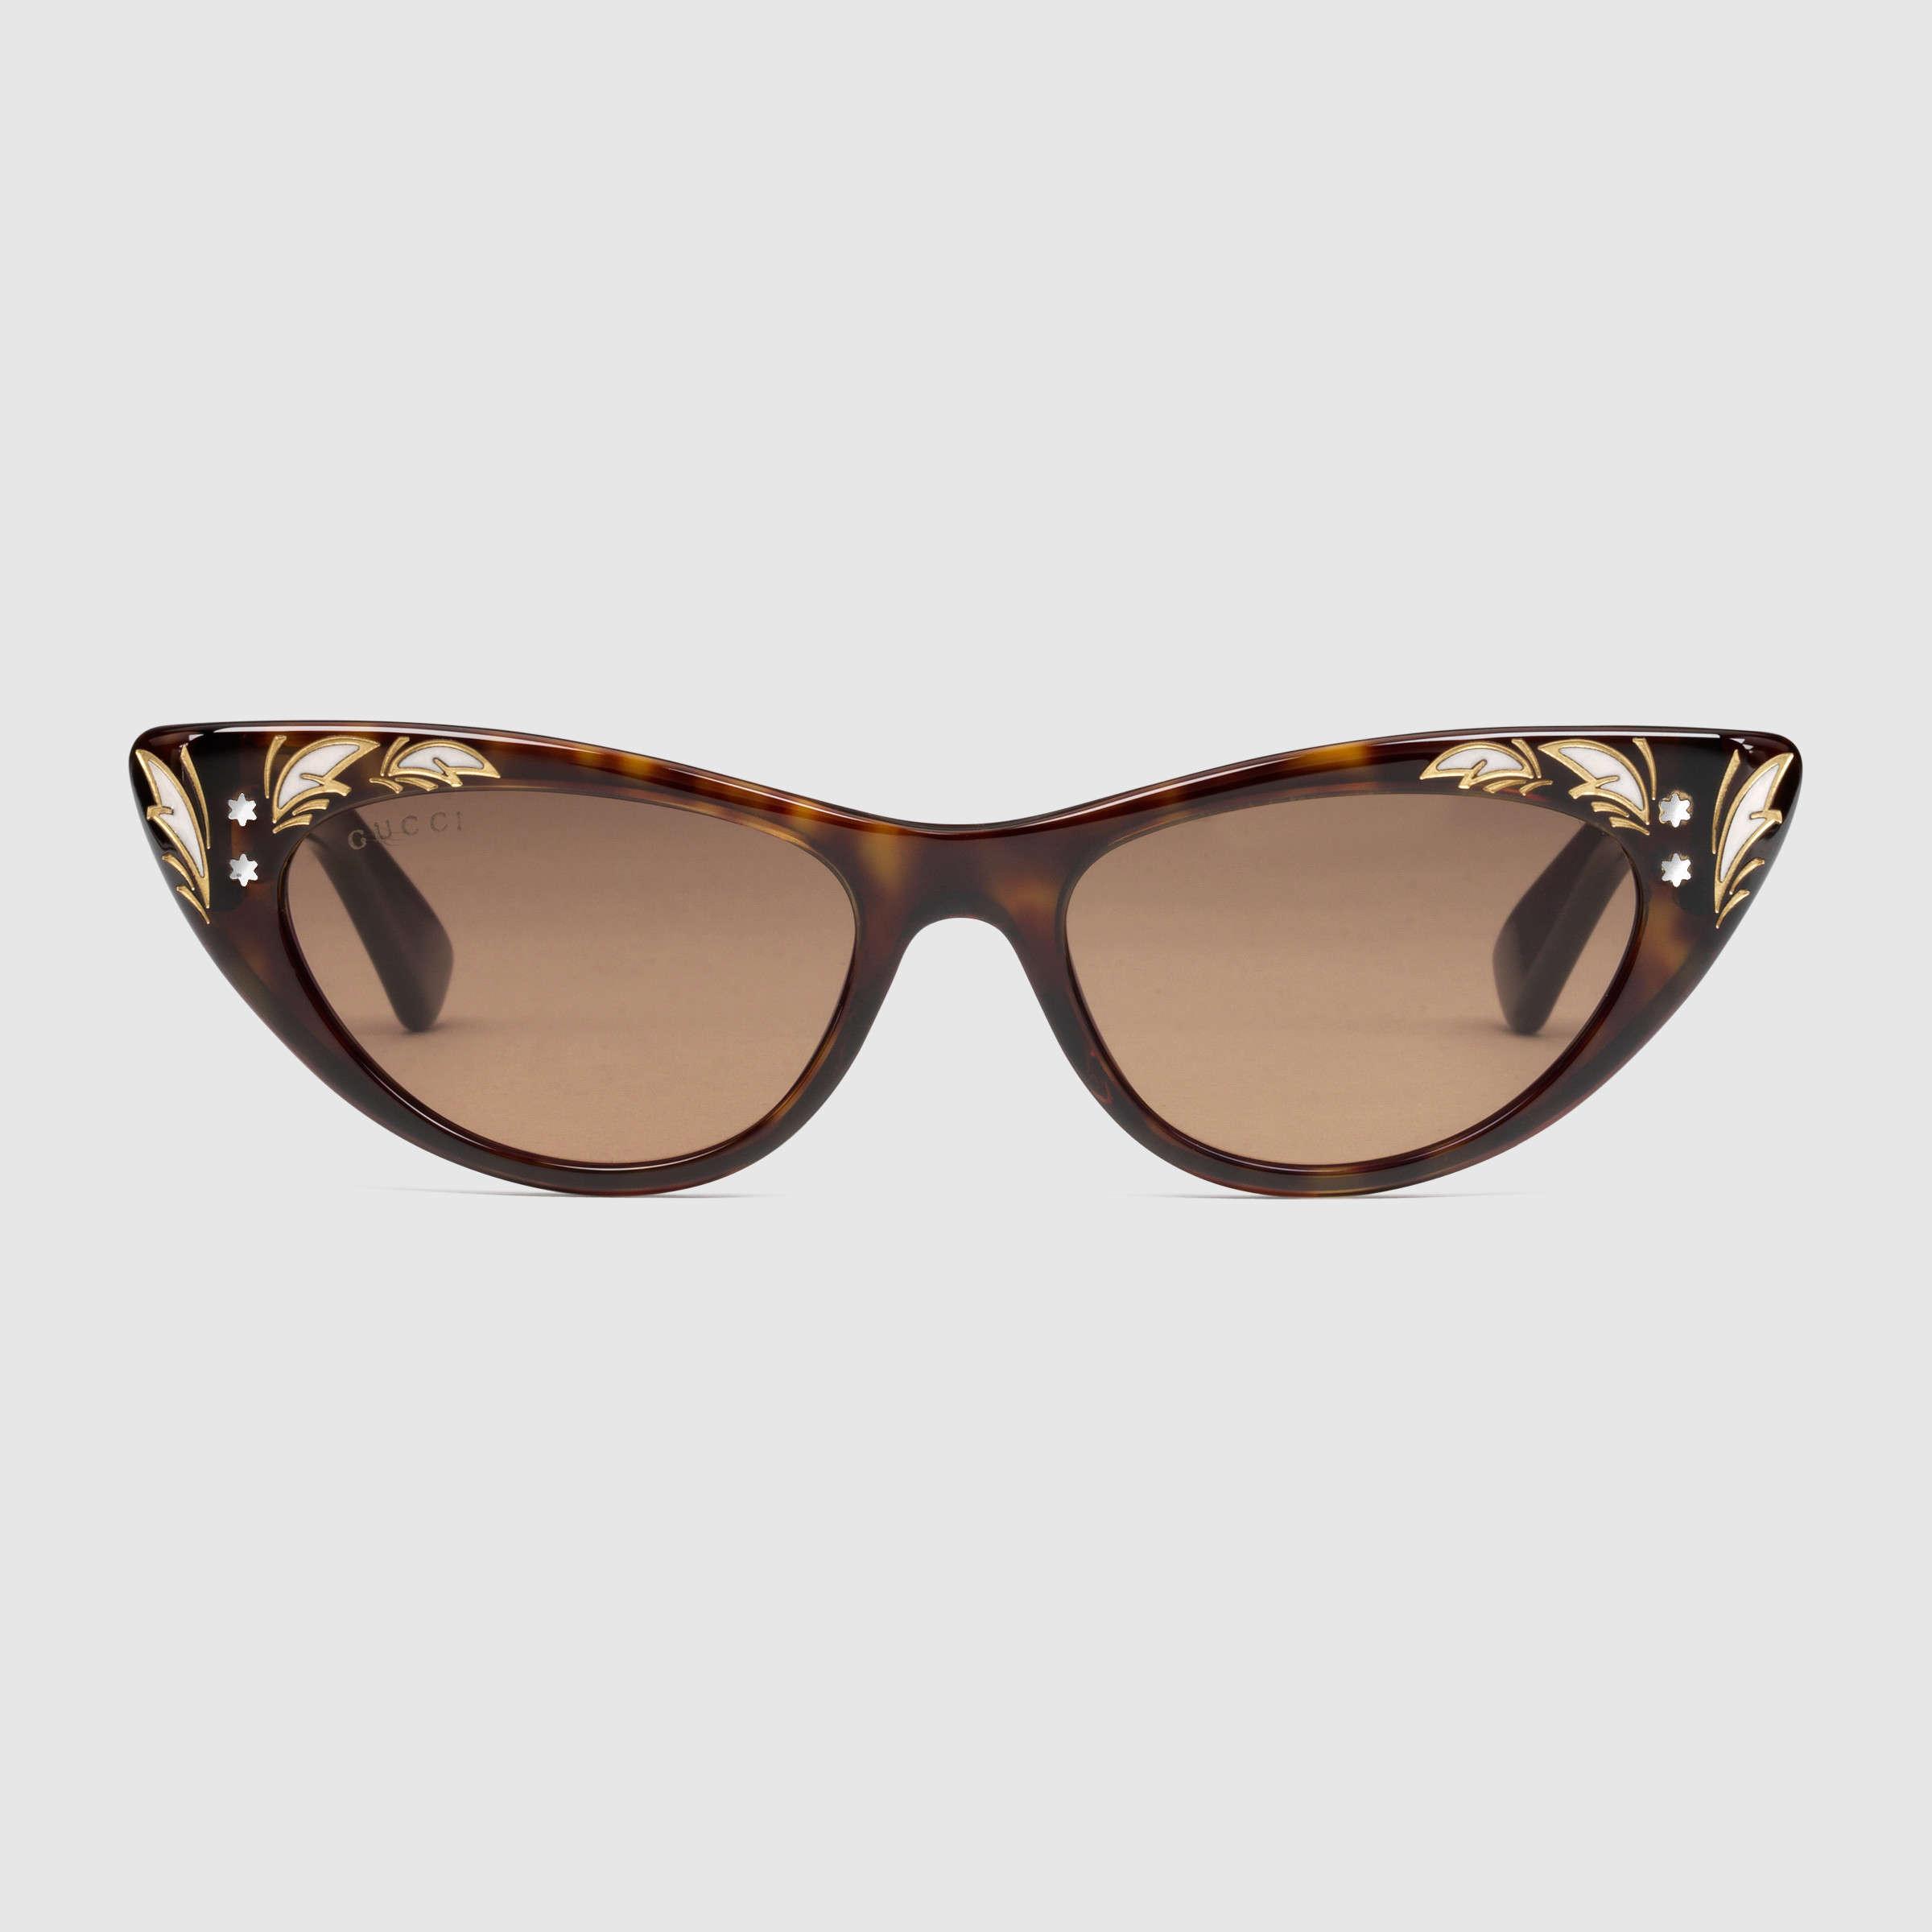 cf59059e151 Lyst - Gucci Cat Eye Sunglasses in Brown